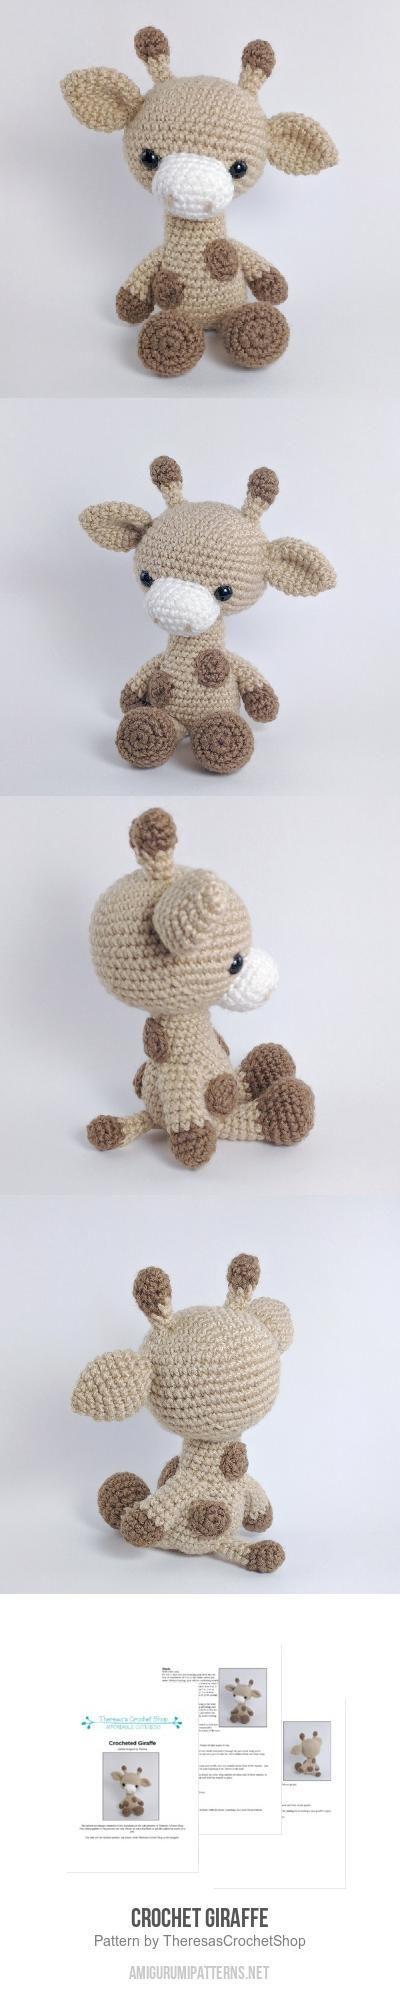 Hello Kitty Amigurumi Pattern English : 25+ best ideas about Crochet giraffe pattern on Pinterest ...